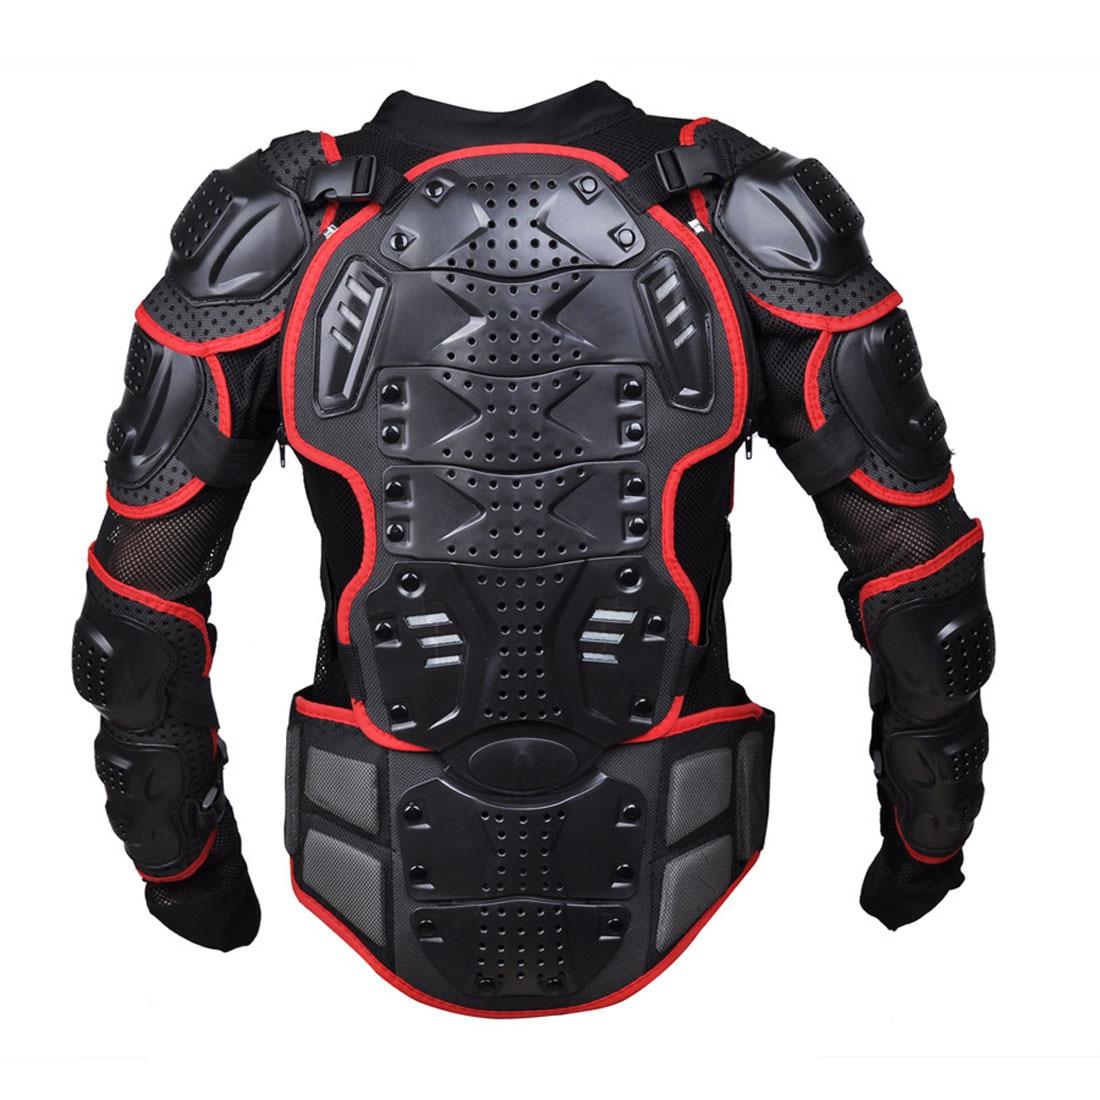 Dongzhen moto veste moto armure Protection Motocross vêtements veste croix dos/rouge armure protecteur course Automobile - 2